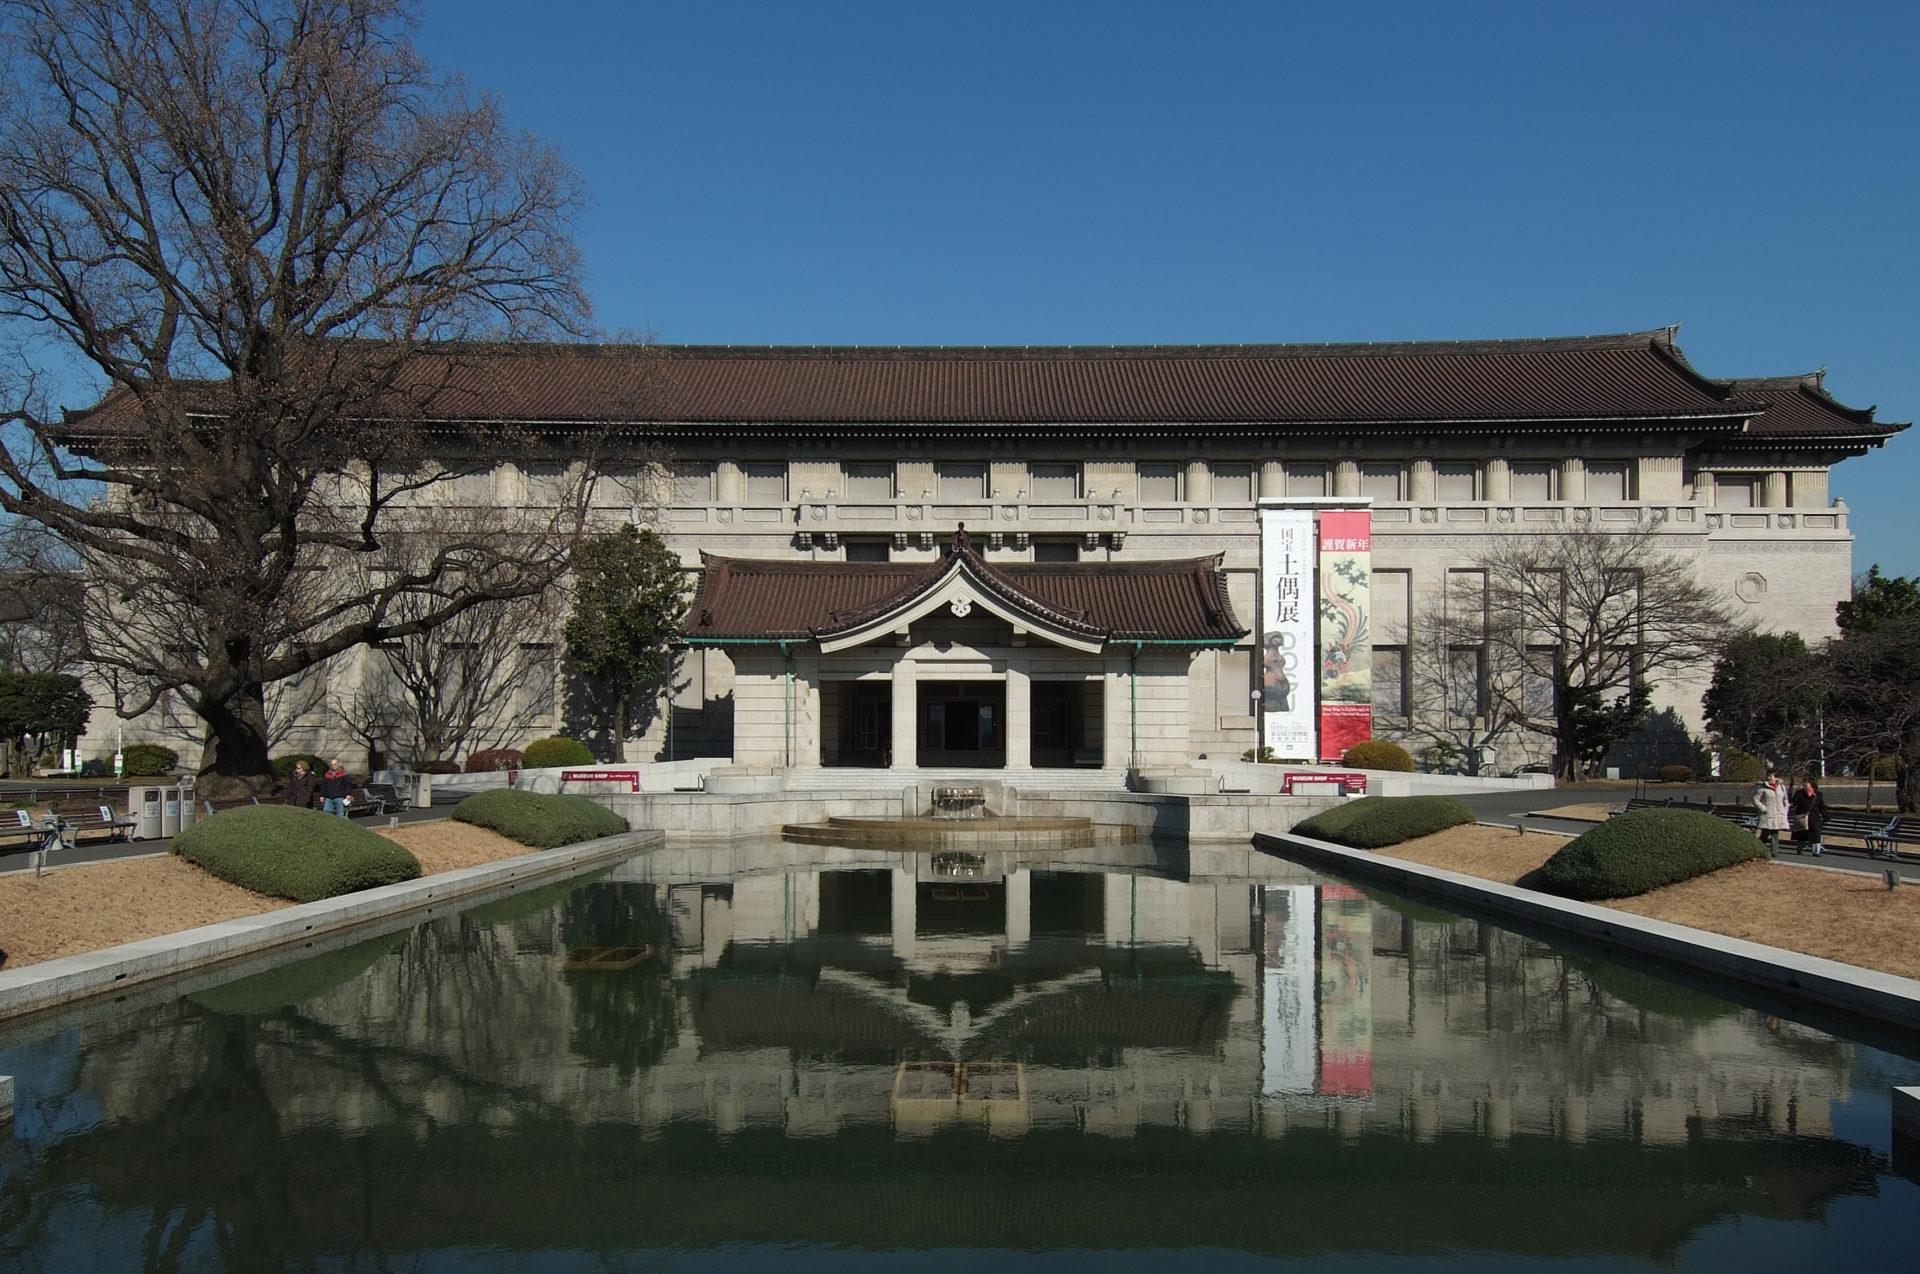 Tokyo_National_Museum,_Honkan1